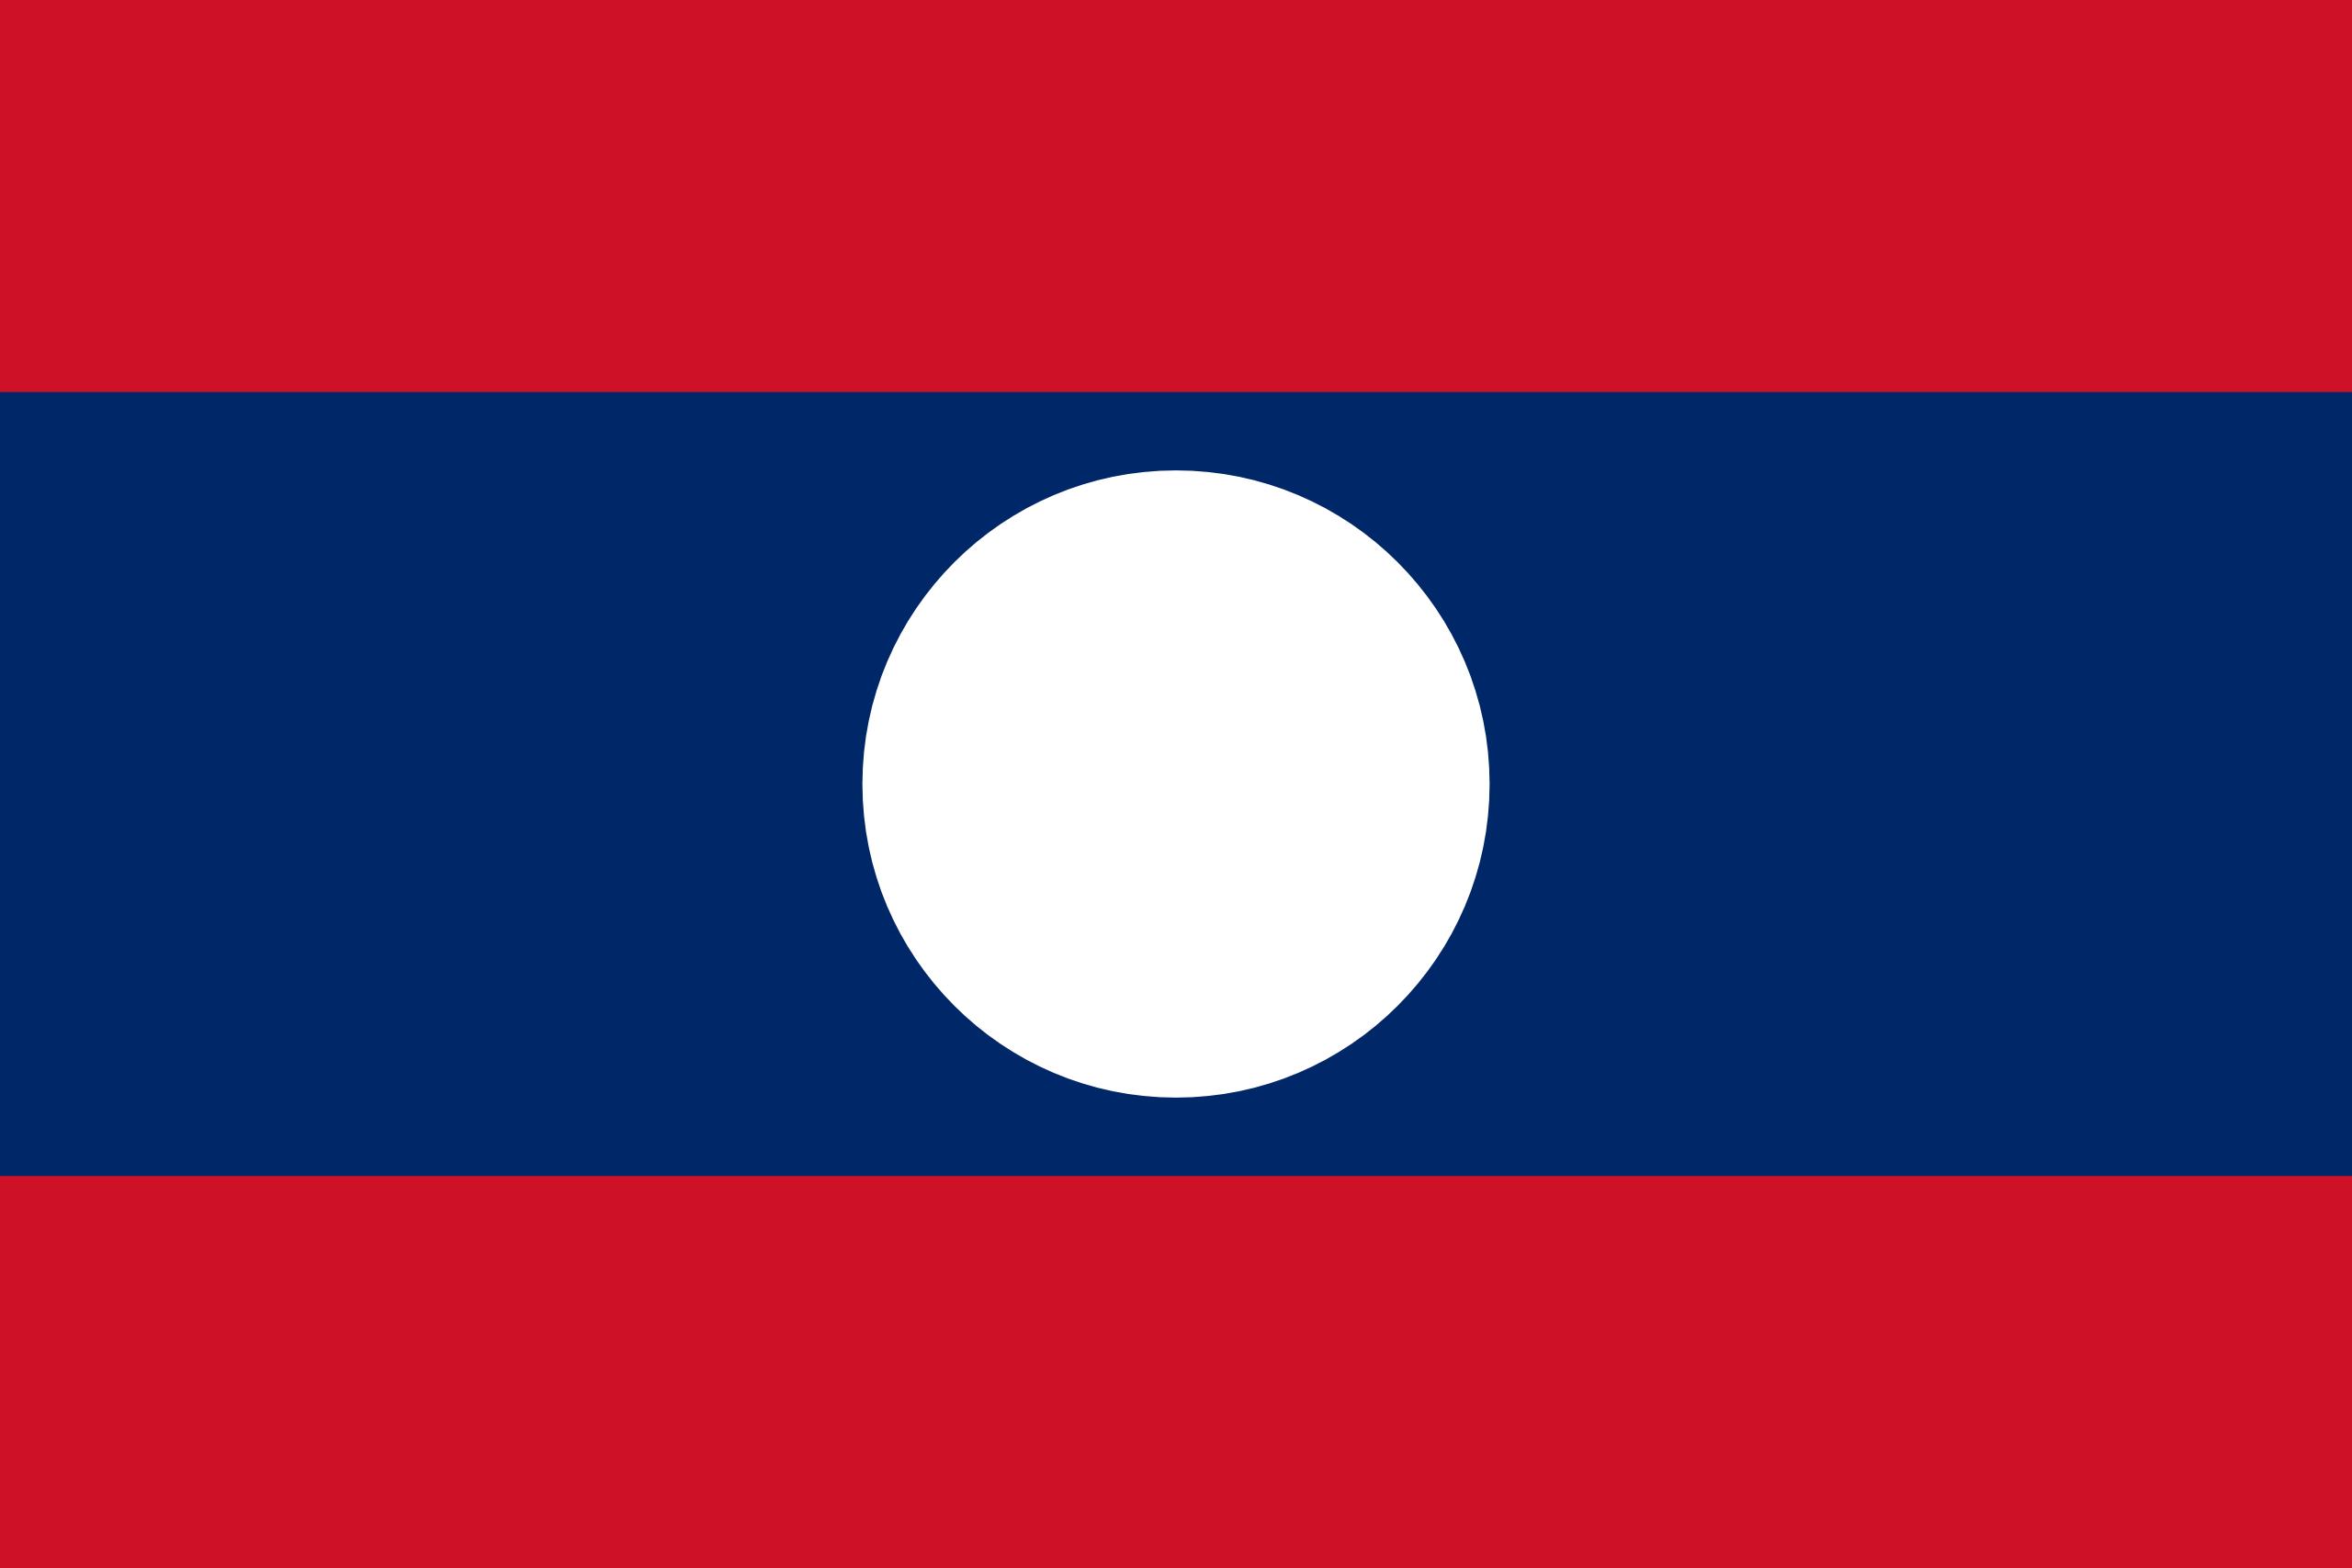 laos, país, emblema, insignia, símbolo - Fondos de Pantalla HD - professor-falken.com